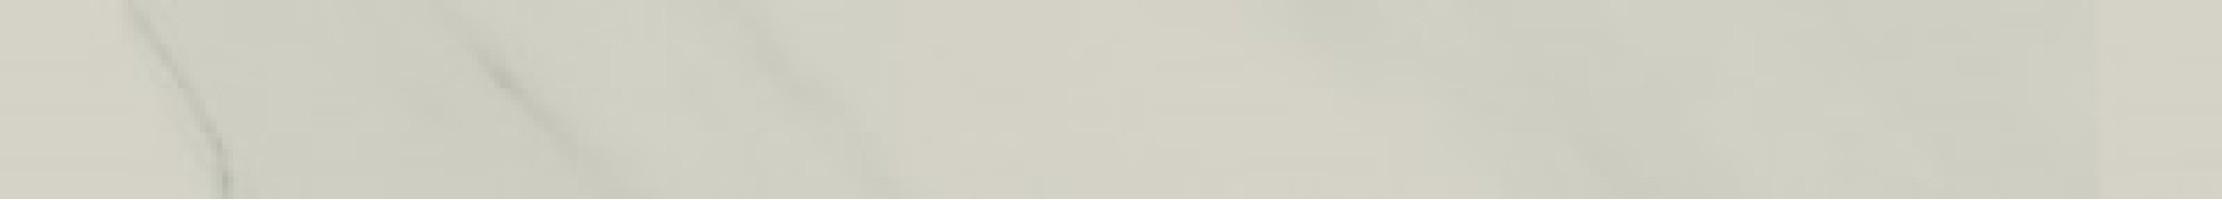 Бордюр Atlas Concorde Russia Allure Gioia Listello 7.2x80 610090002173